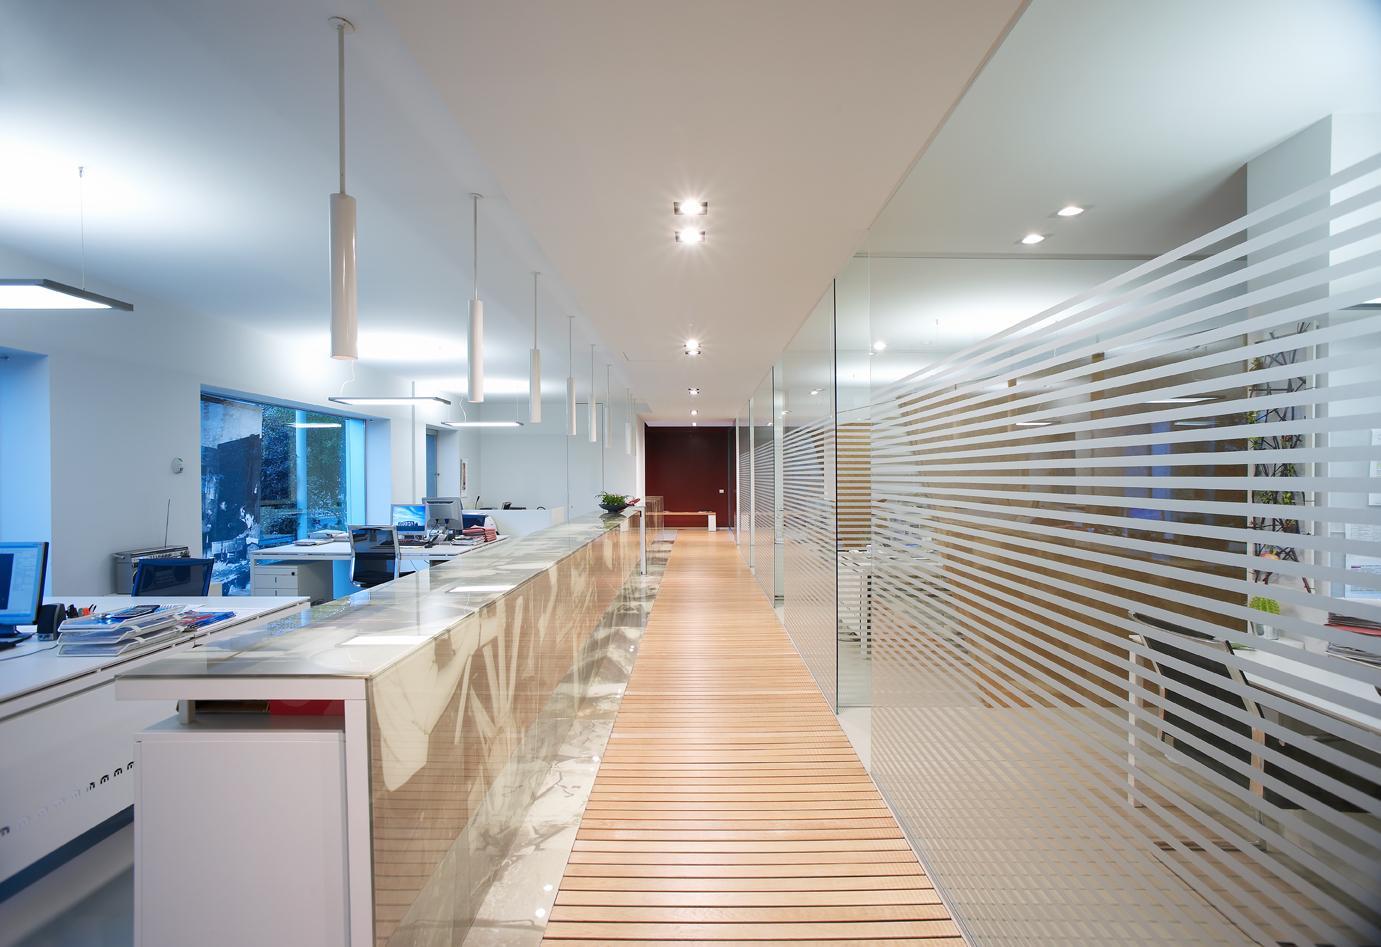 Studio-di-architettura-Baisotti-Sigala-prgetti8